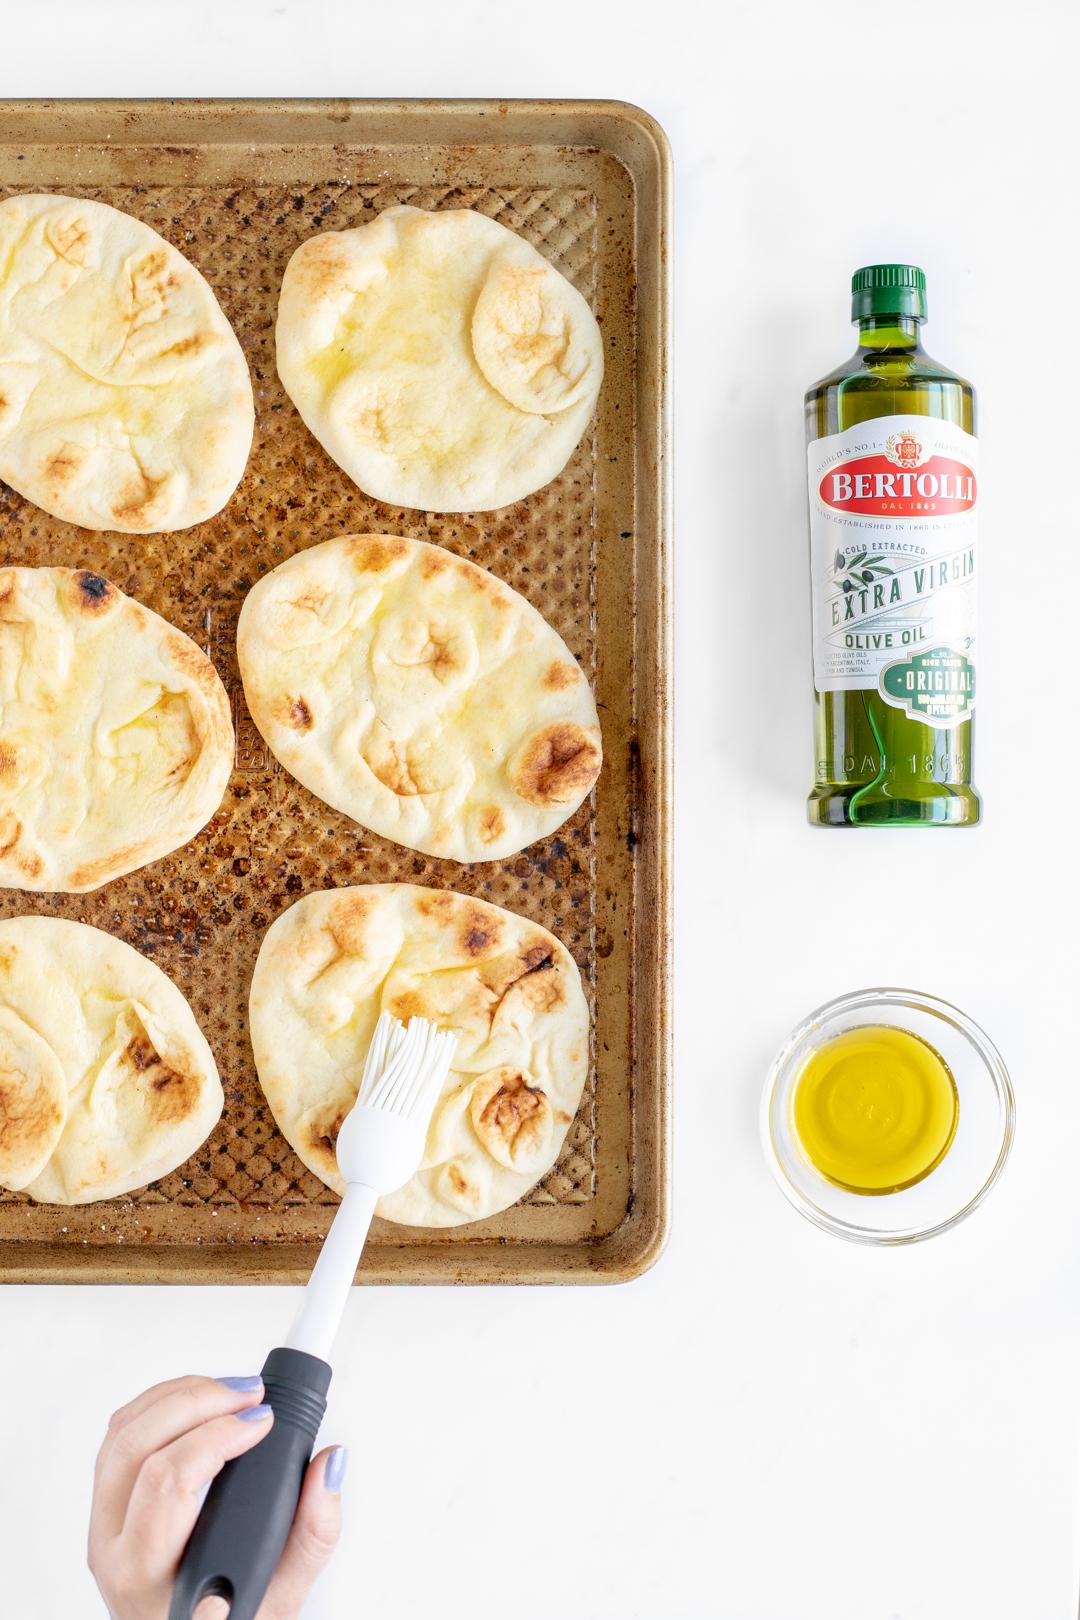 Flatbread Recipes - 3 Ways. So yummy!